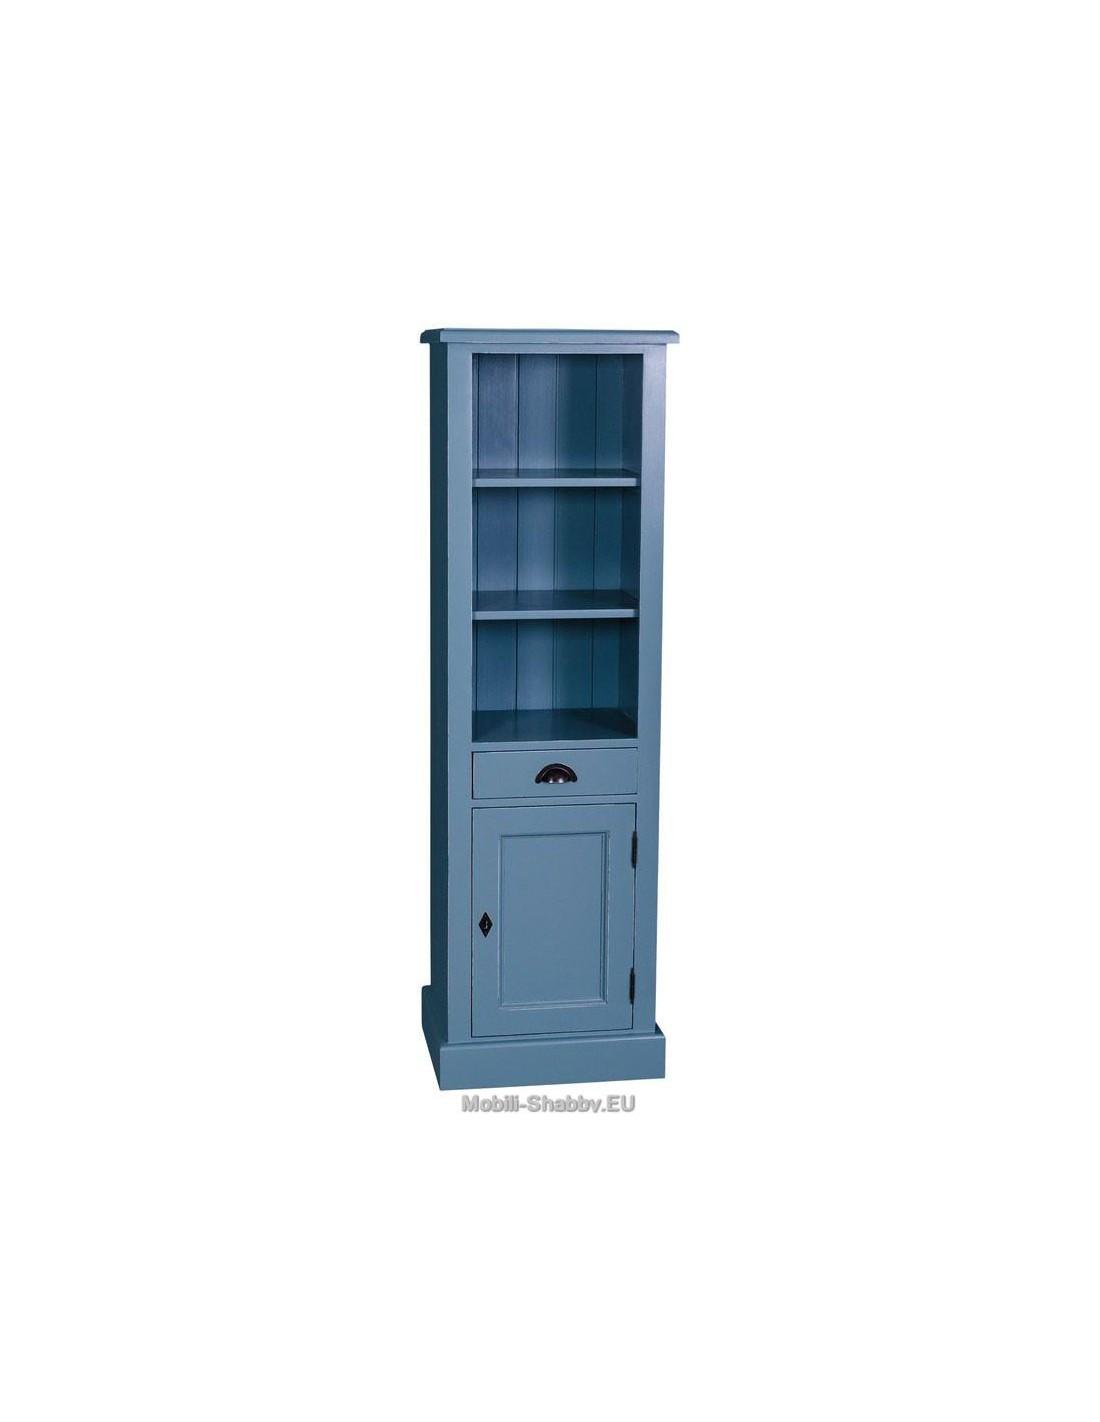 mobile bagno colonna provenzale colorata MS420 - Mobili-Shabby.EU by Orissa